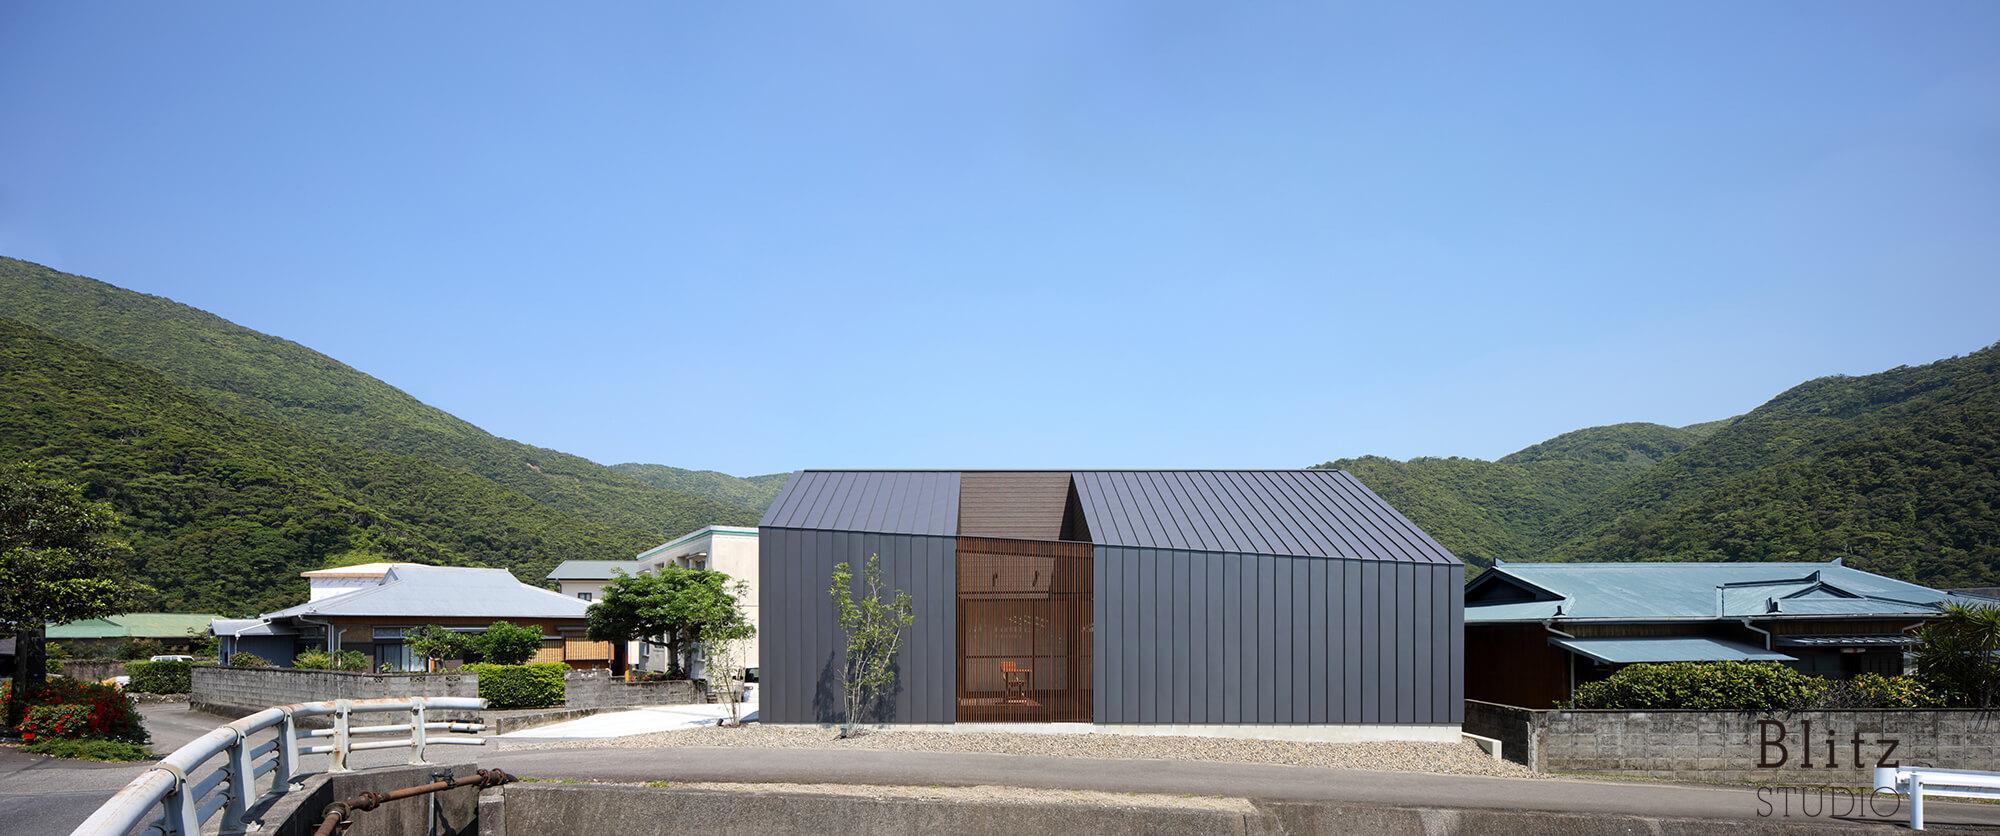 『阿木名の家』-鹿児島県大島郡-建築写真・竣工写真・インテリア写真2